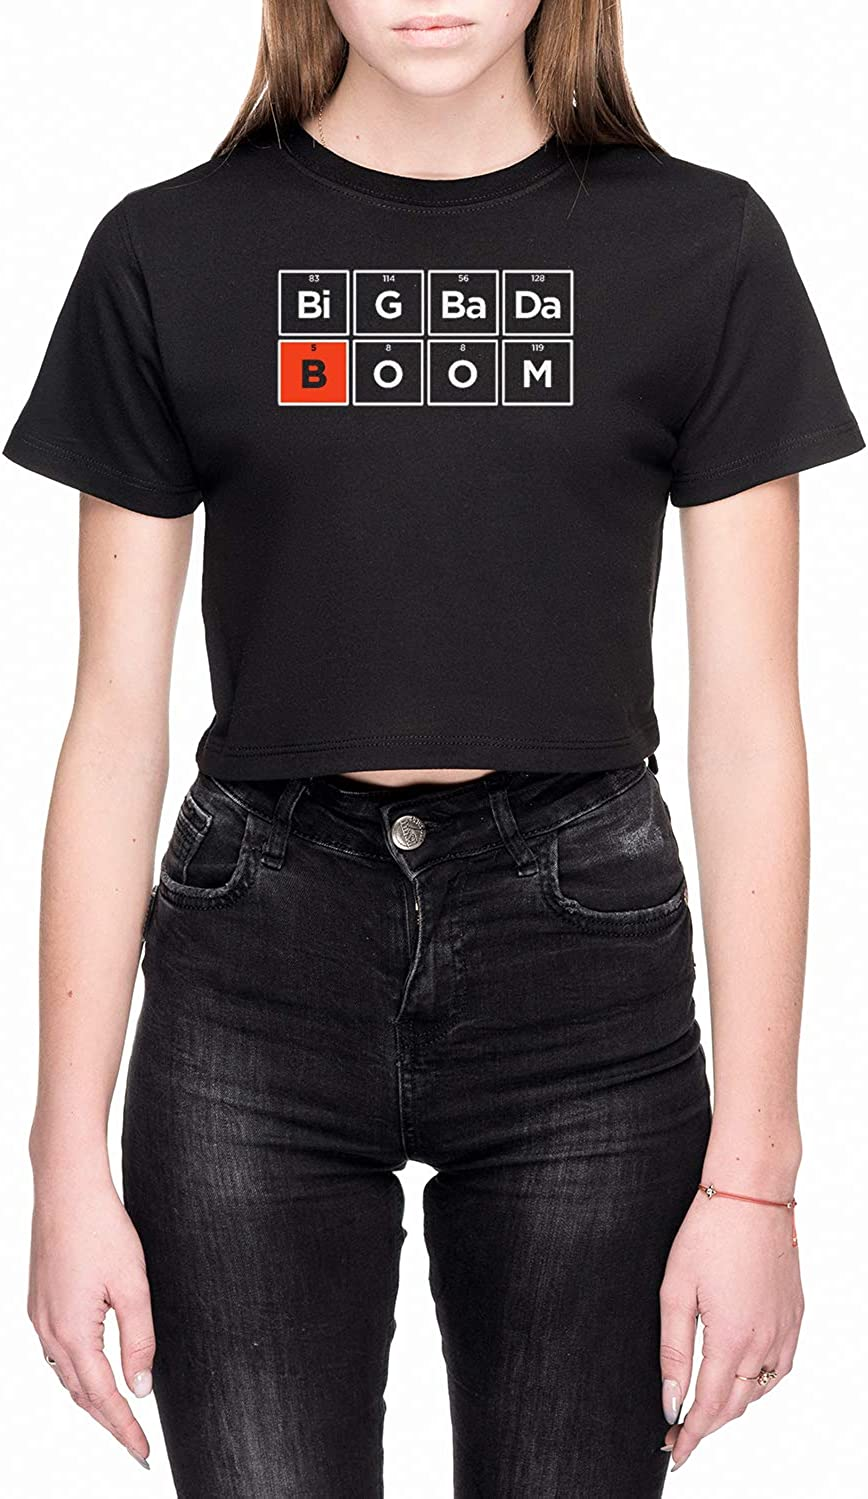 Rundi Boron Mujer Camiseta De Crop Negro Todos Los Tamaños - Women's Crop T-Shirt Black